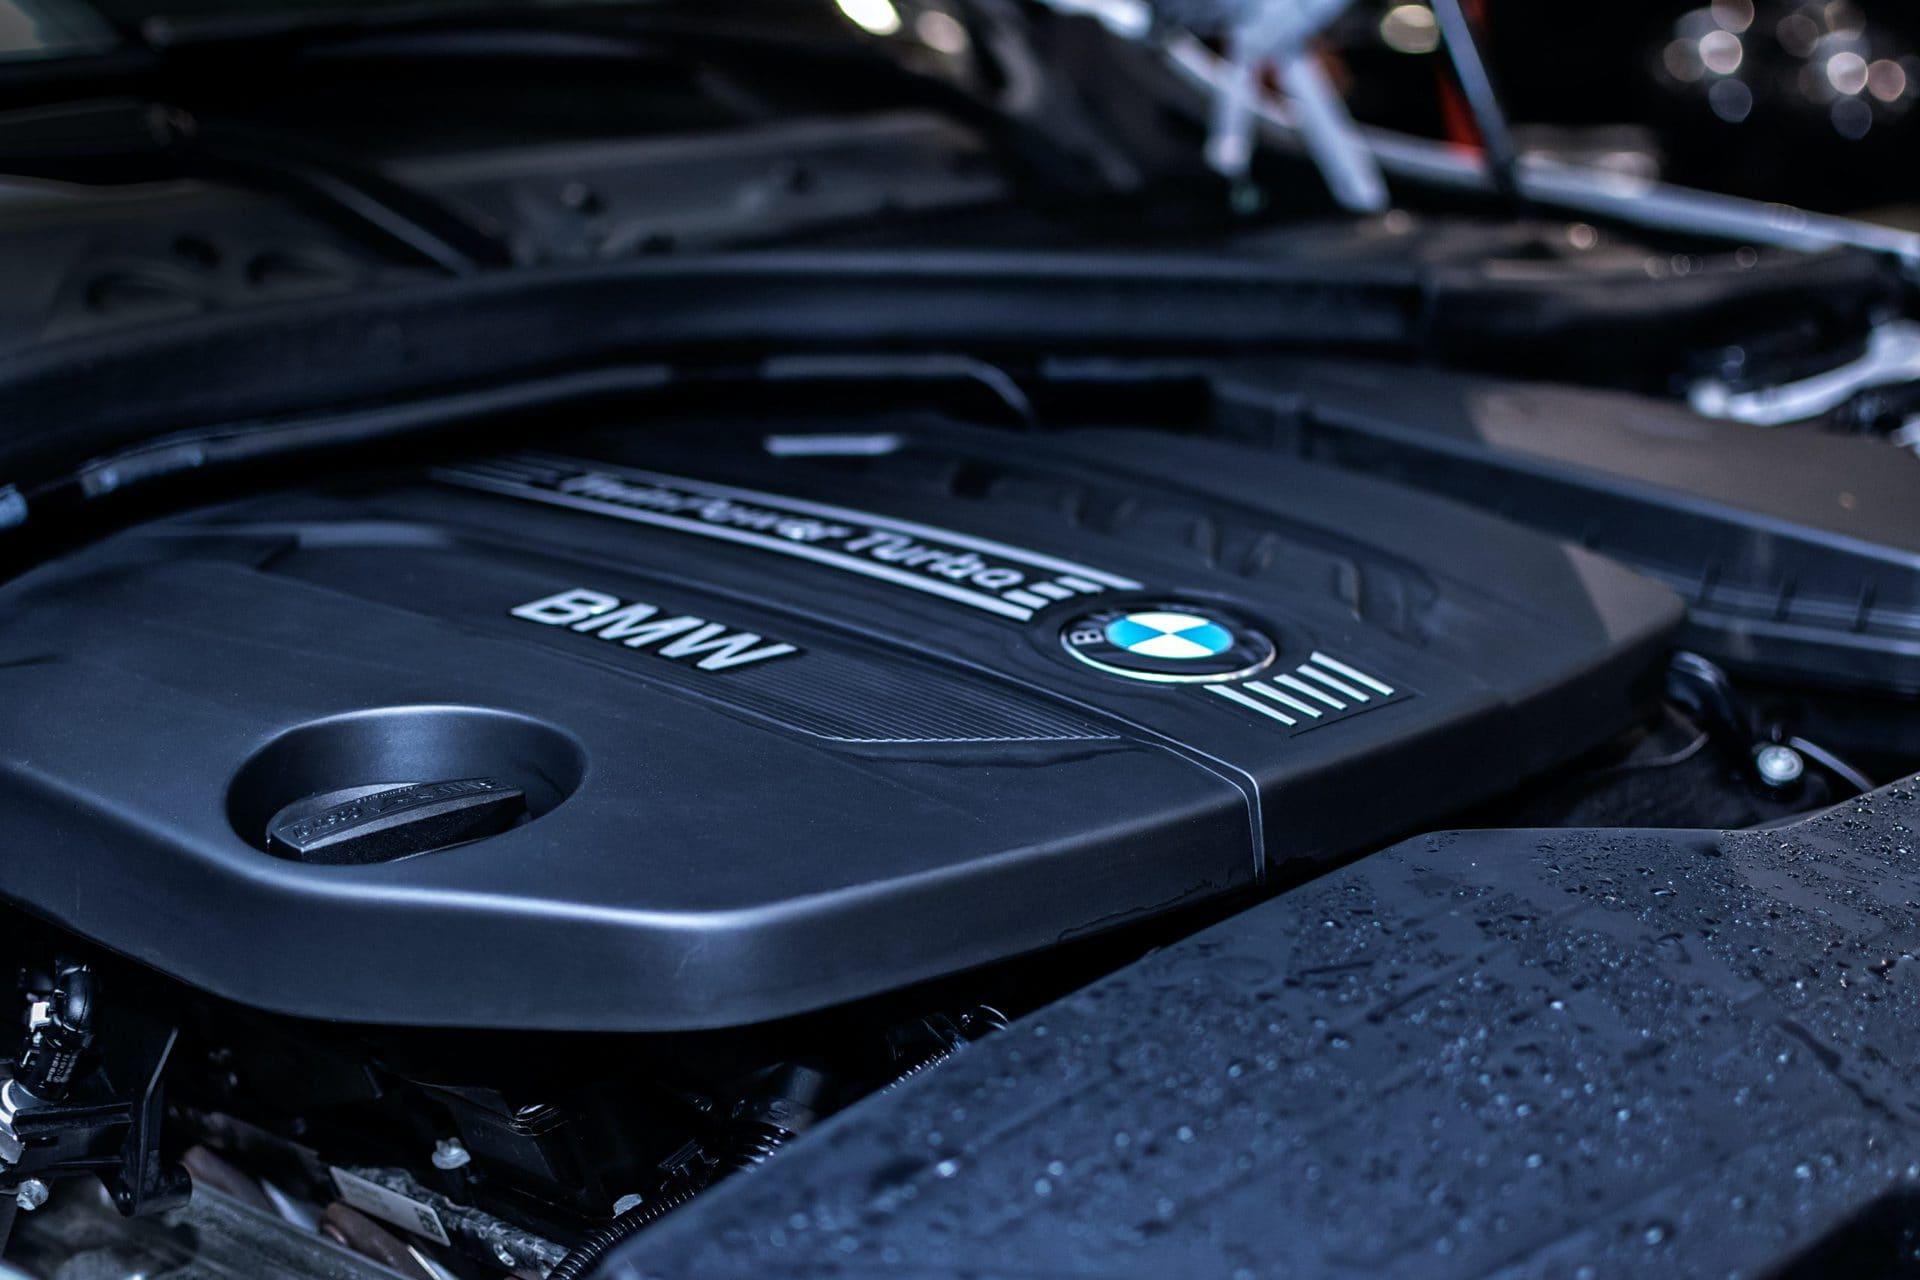 BMW-Werk: Bänder stehen länger still Reparaturen an Montagehalle verzögern Einbau neuer Förderbänder